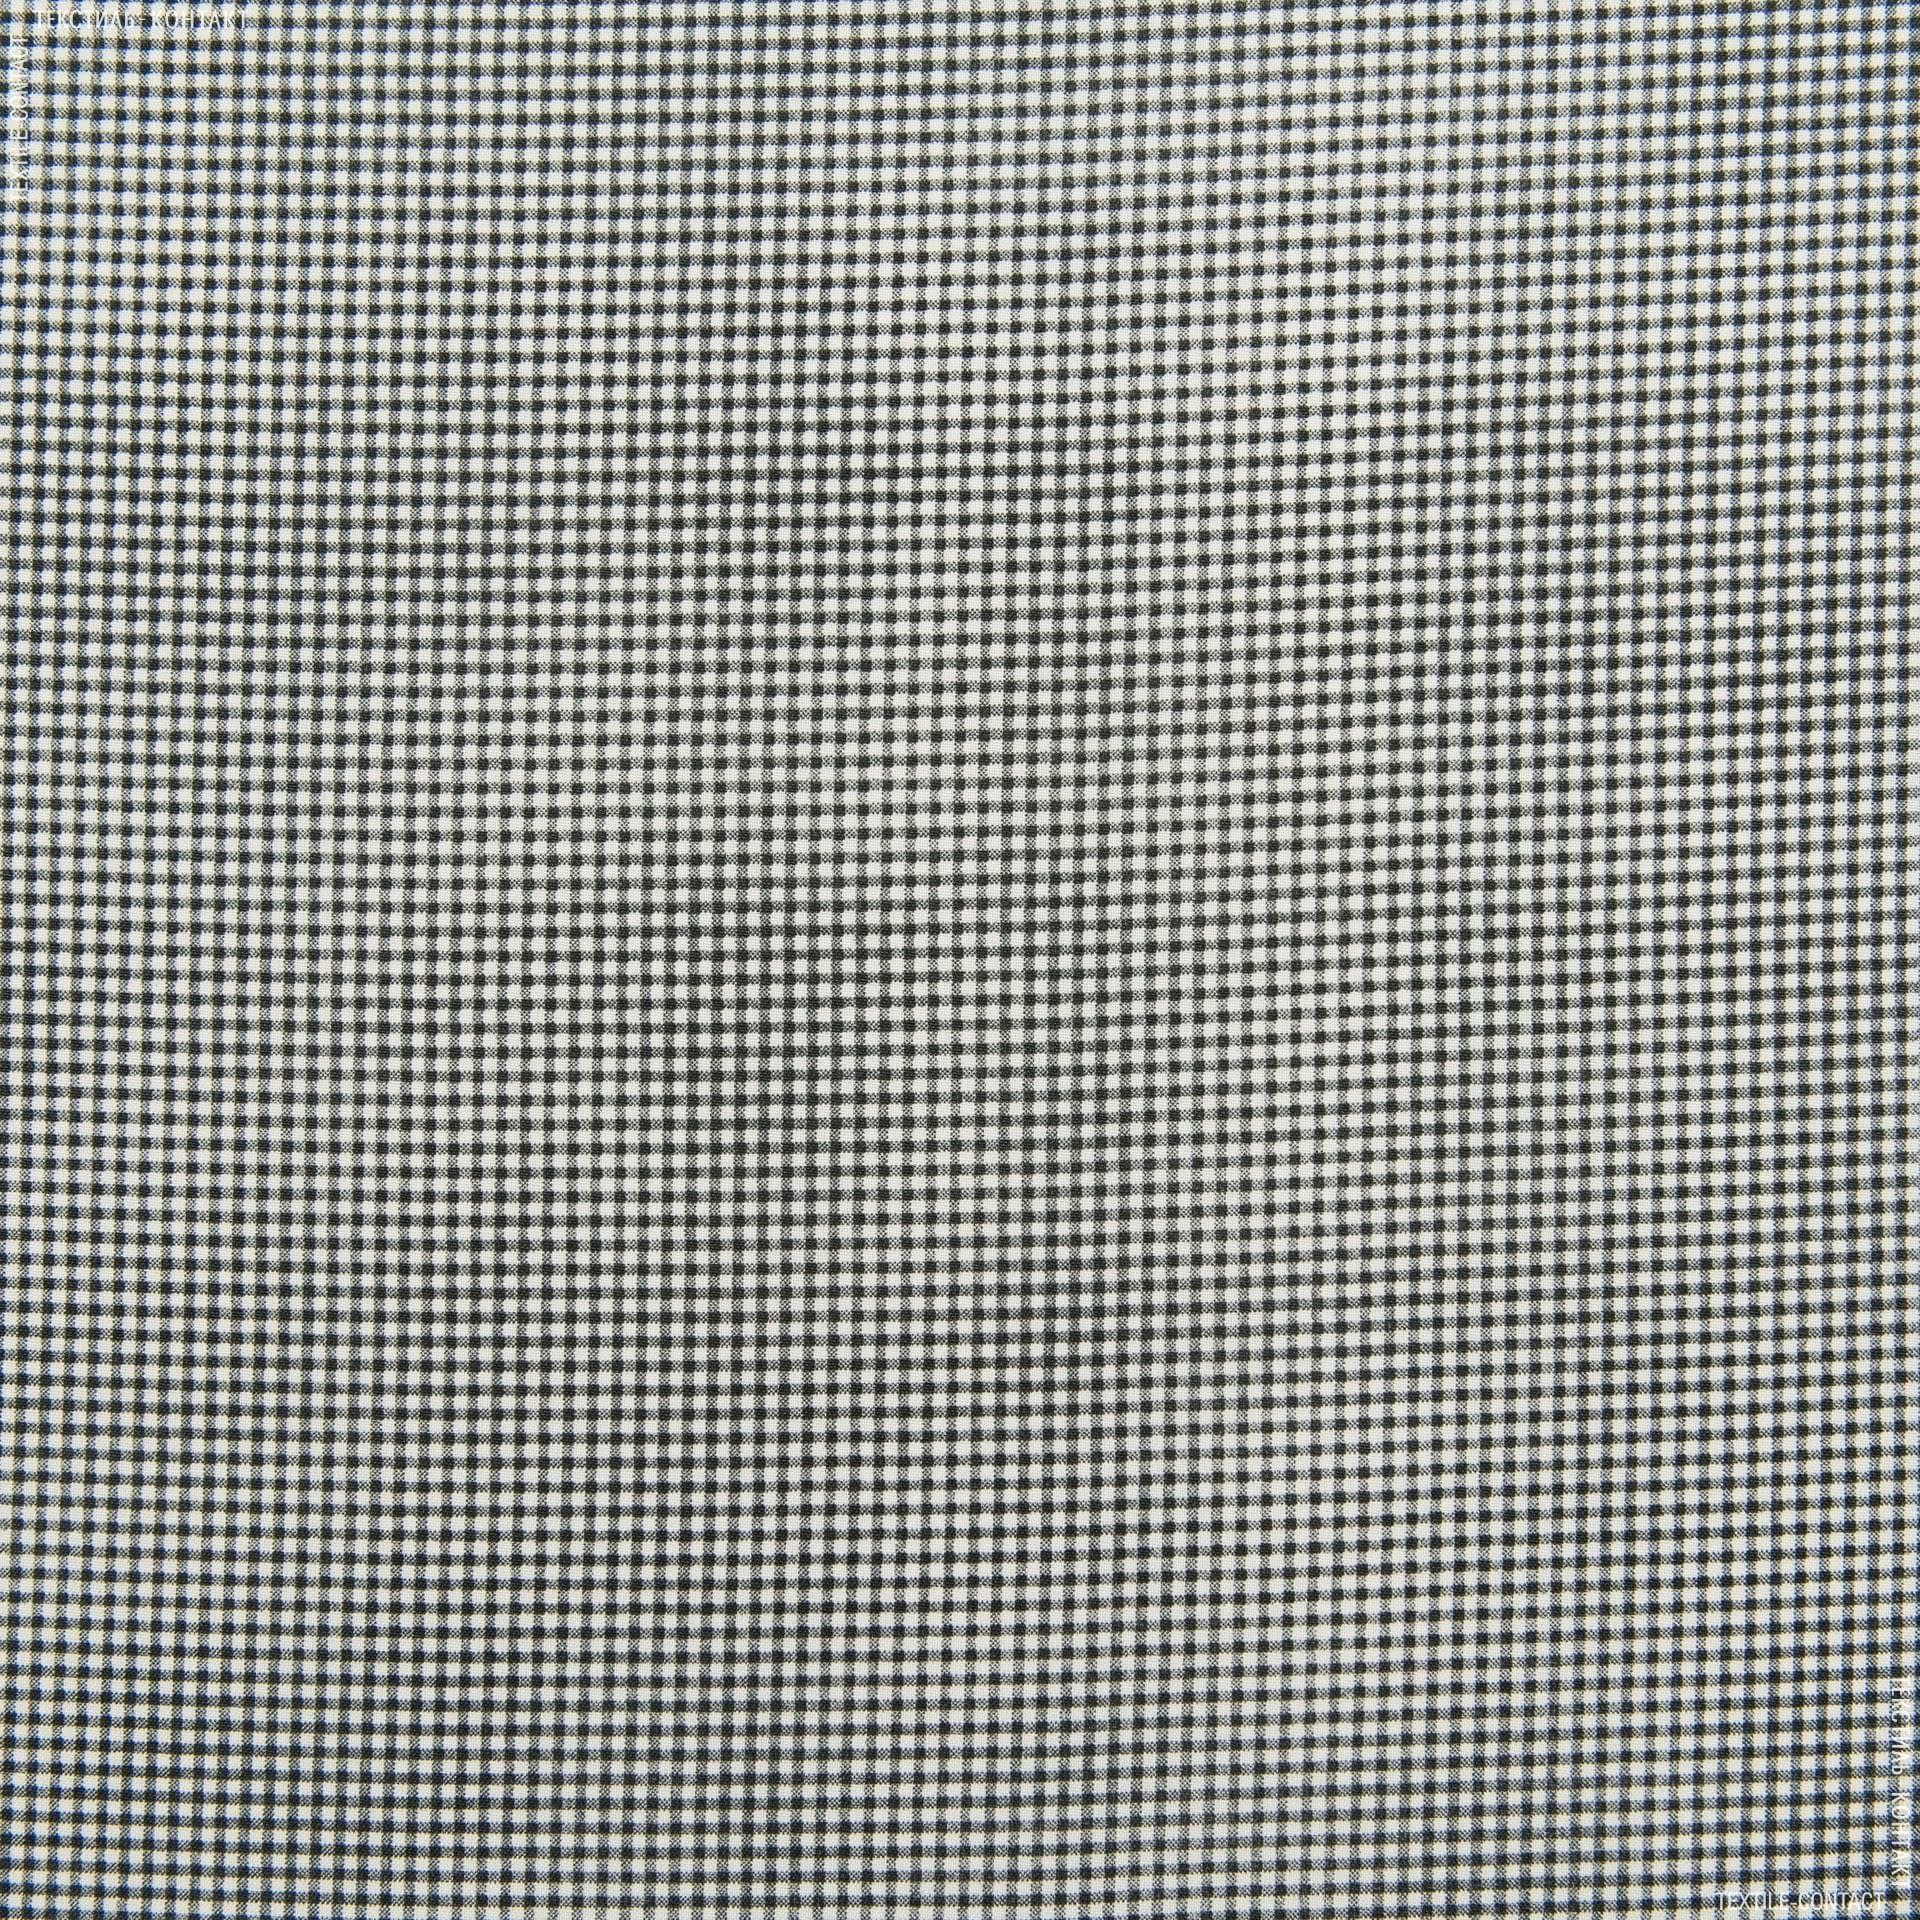 Ткани для спецодежды - Габардин мелкая клетка бело-черный